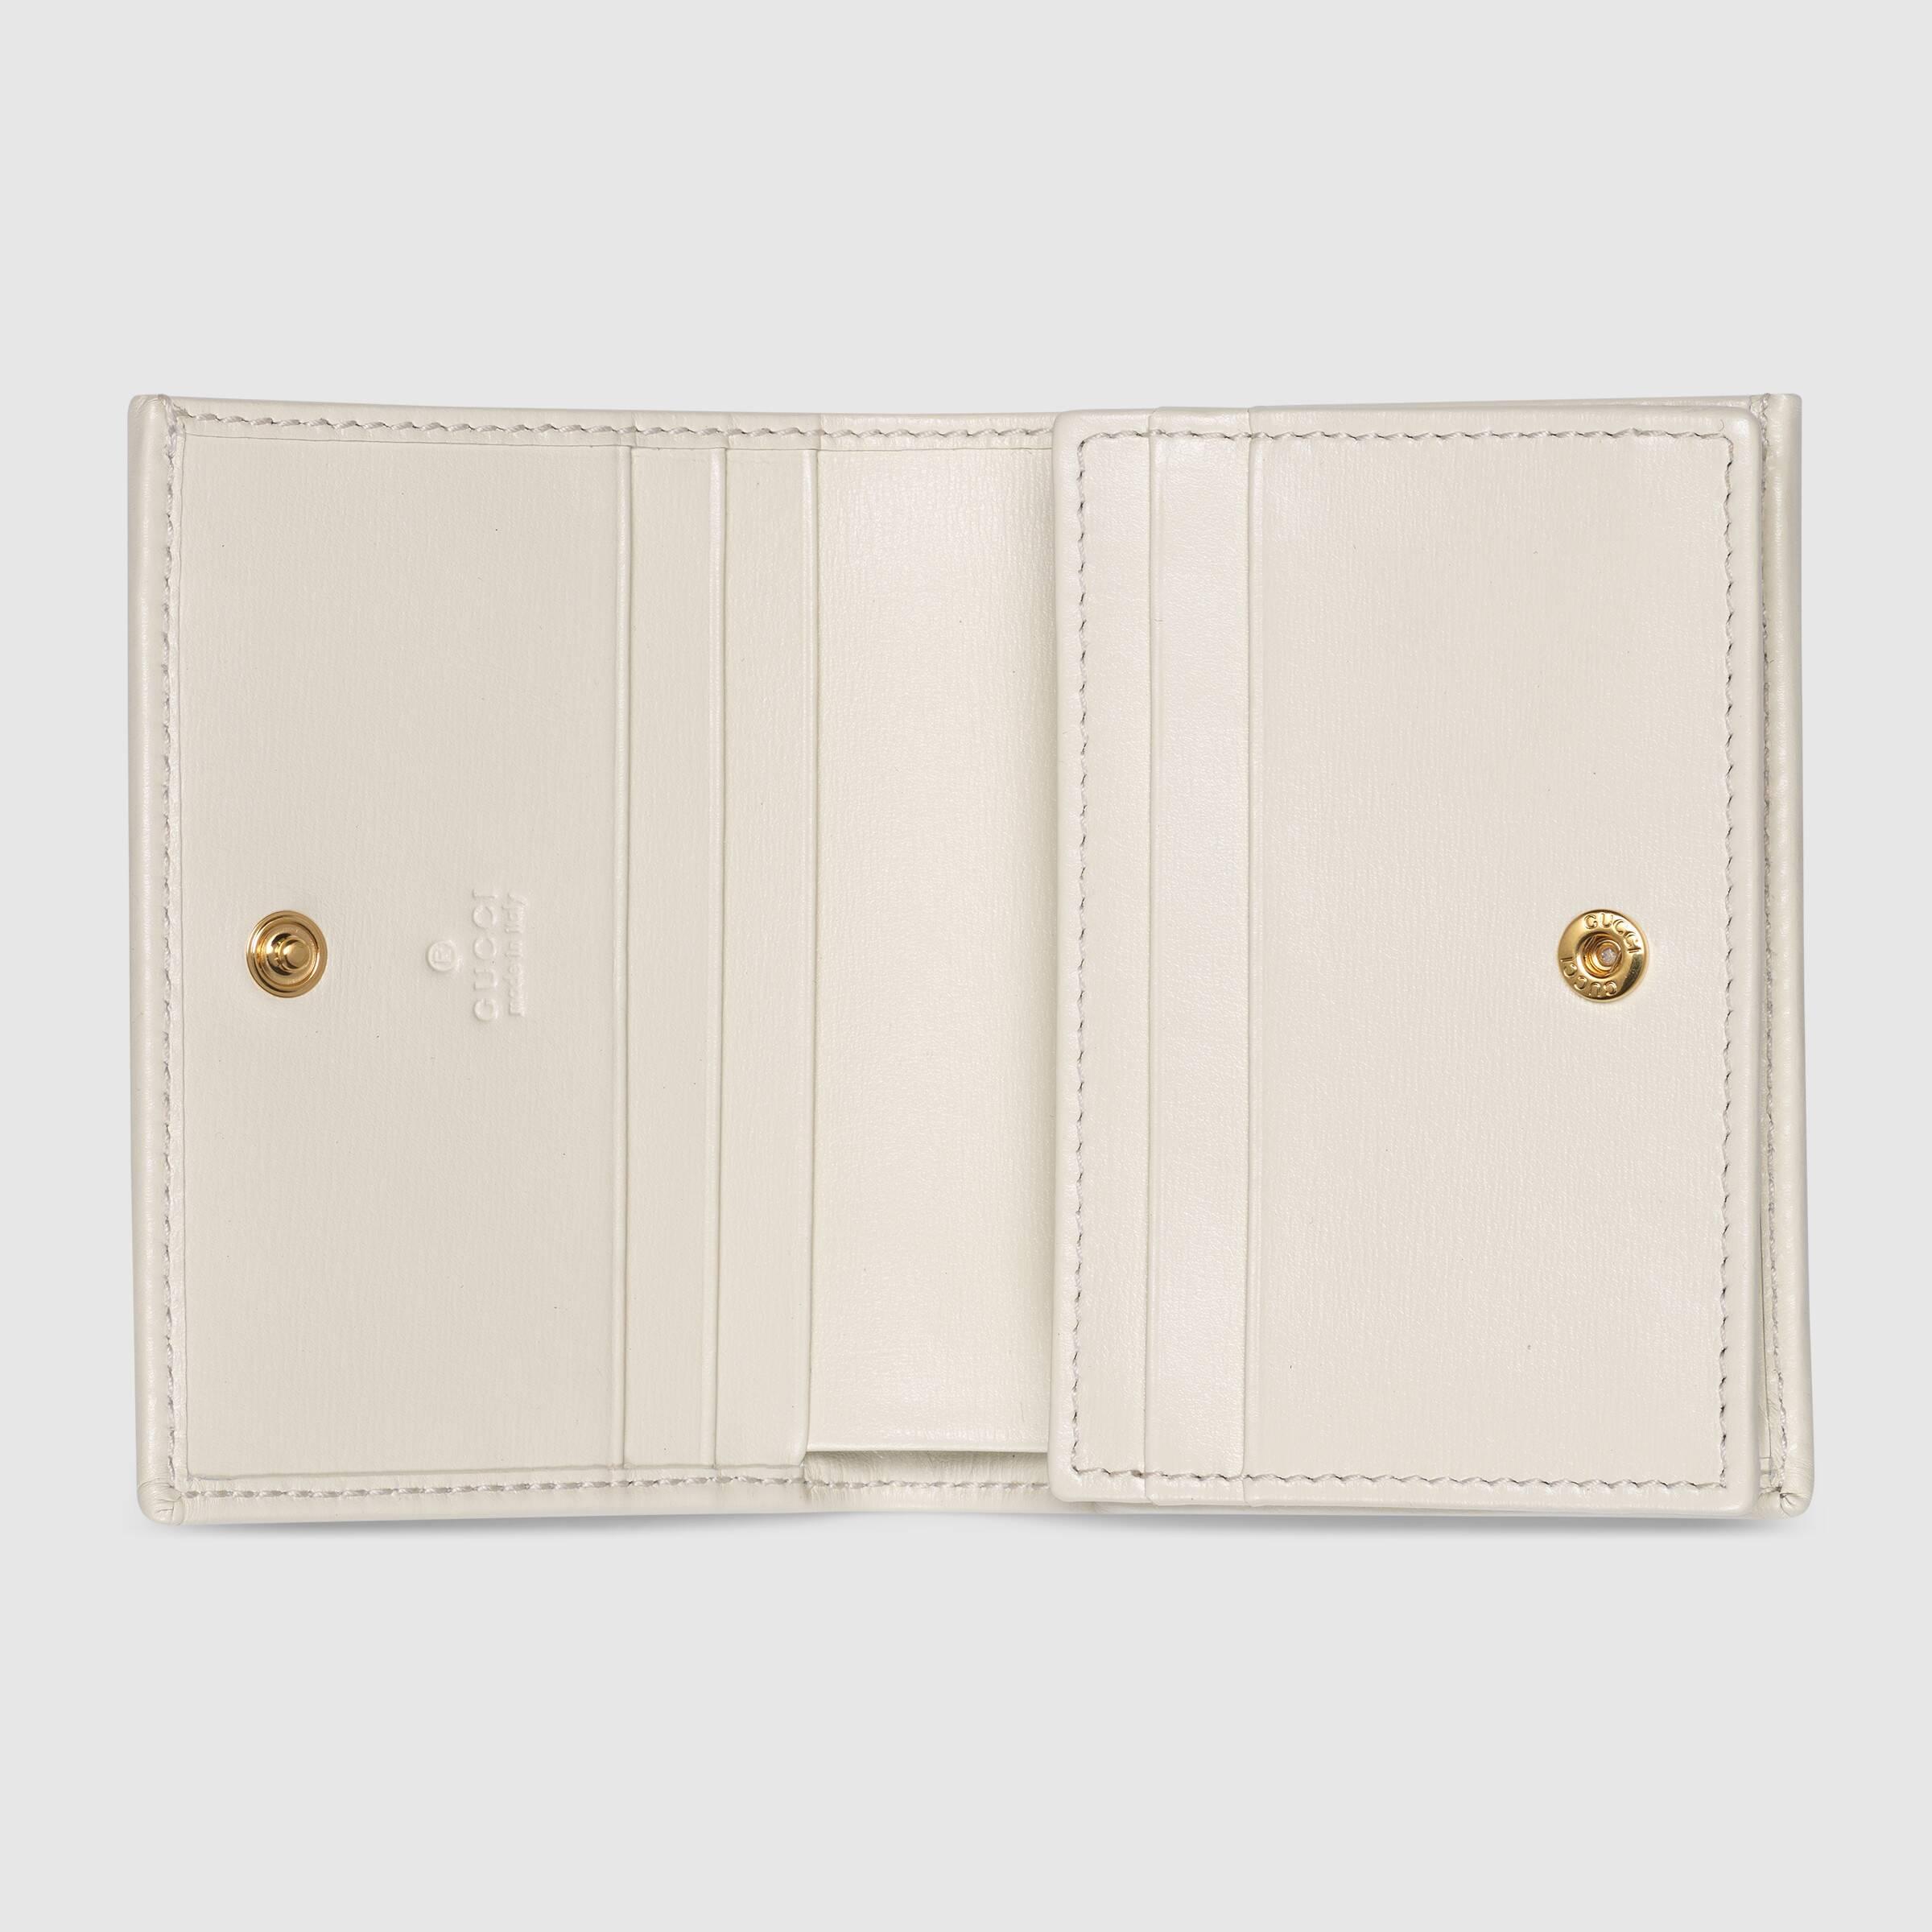 유럽직배송 구찌 카드 케이스 GUCCI 1955 Horsebit card case wallet 6218870YK0G9022